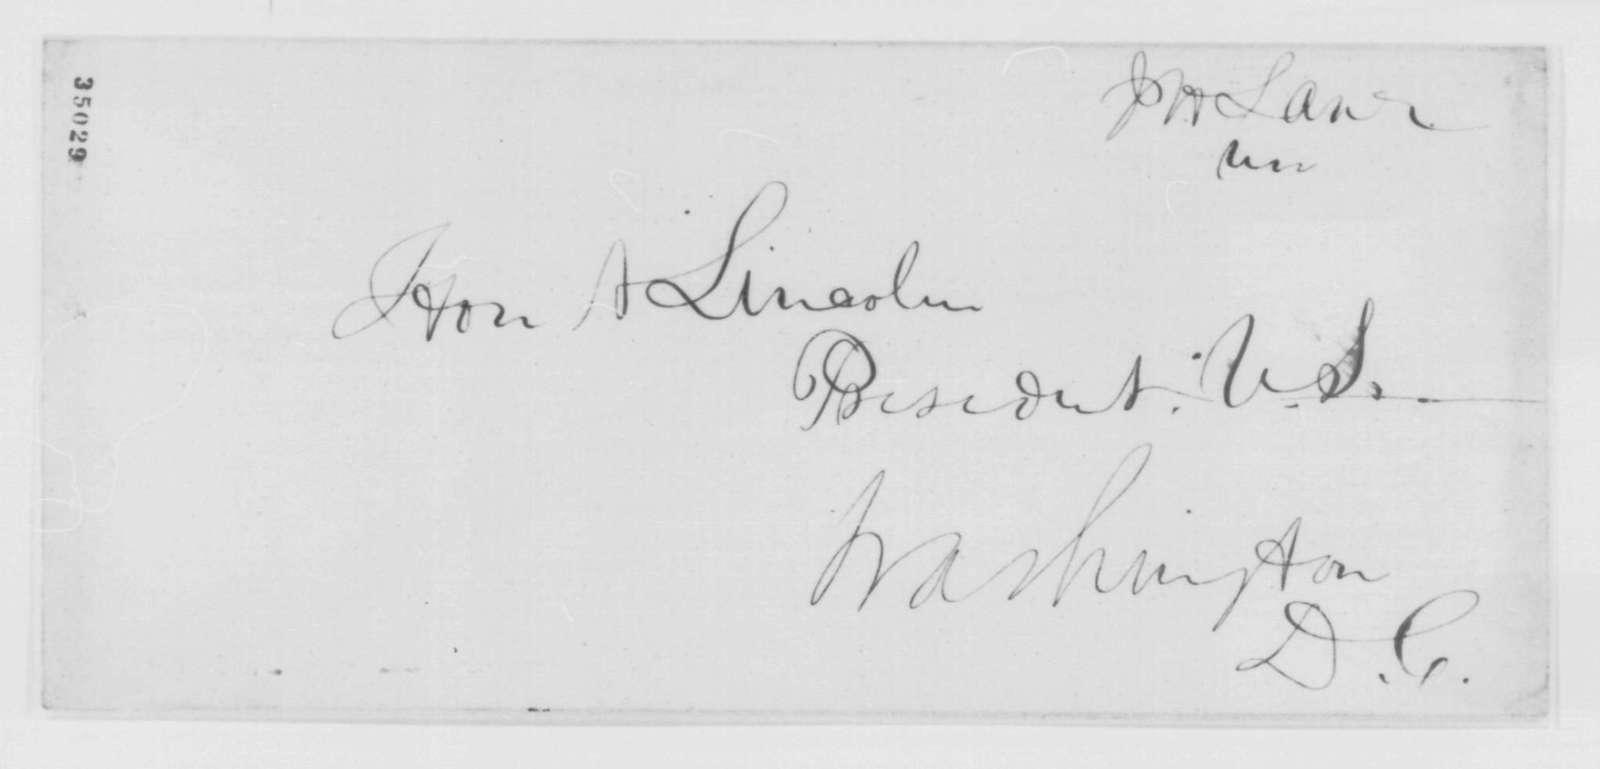 James M. Edmunds to John P. Usher, Wednesday, August 03, 1864  (Cover letter)